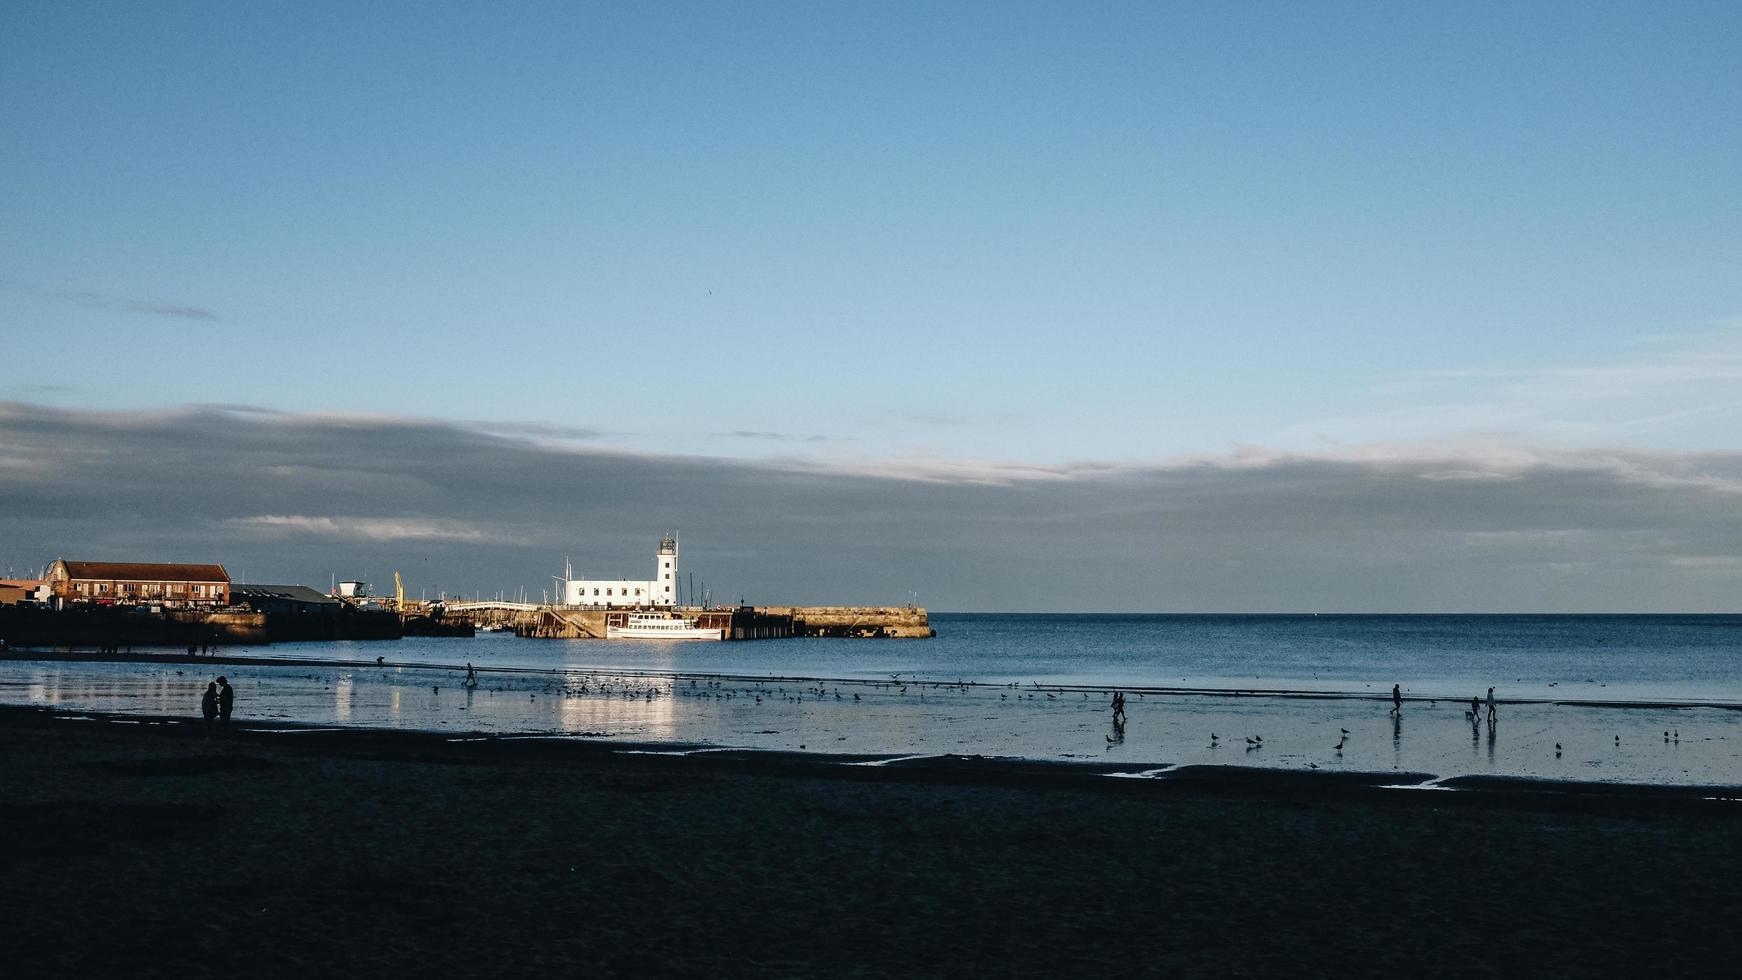 wit schip op de zee foto